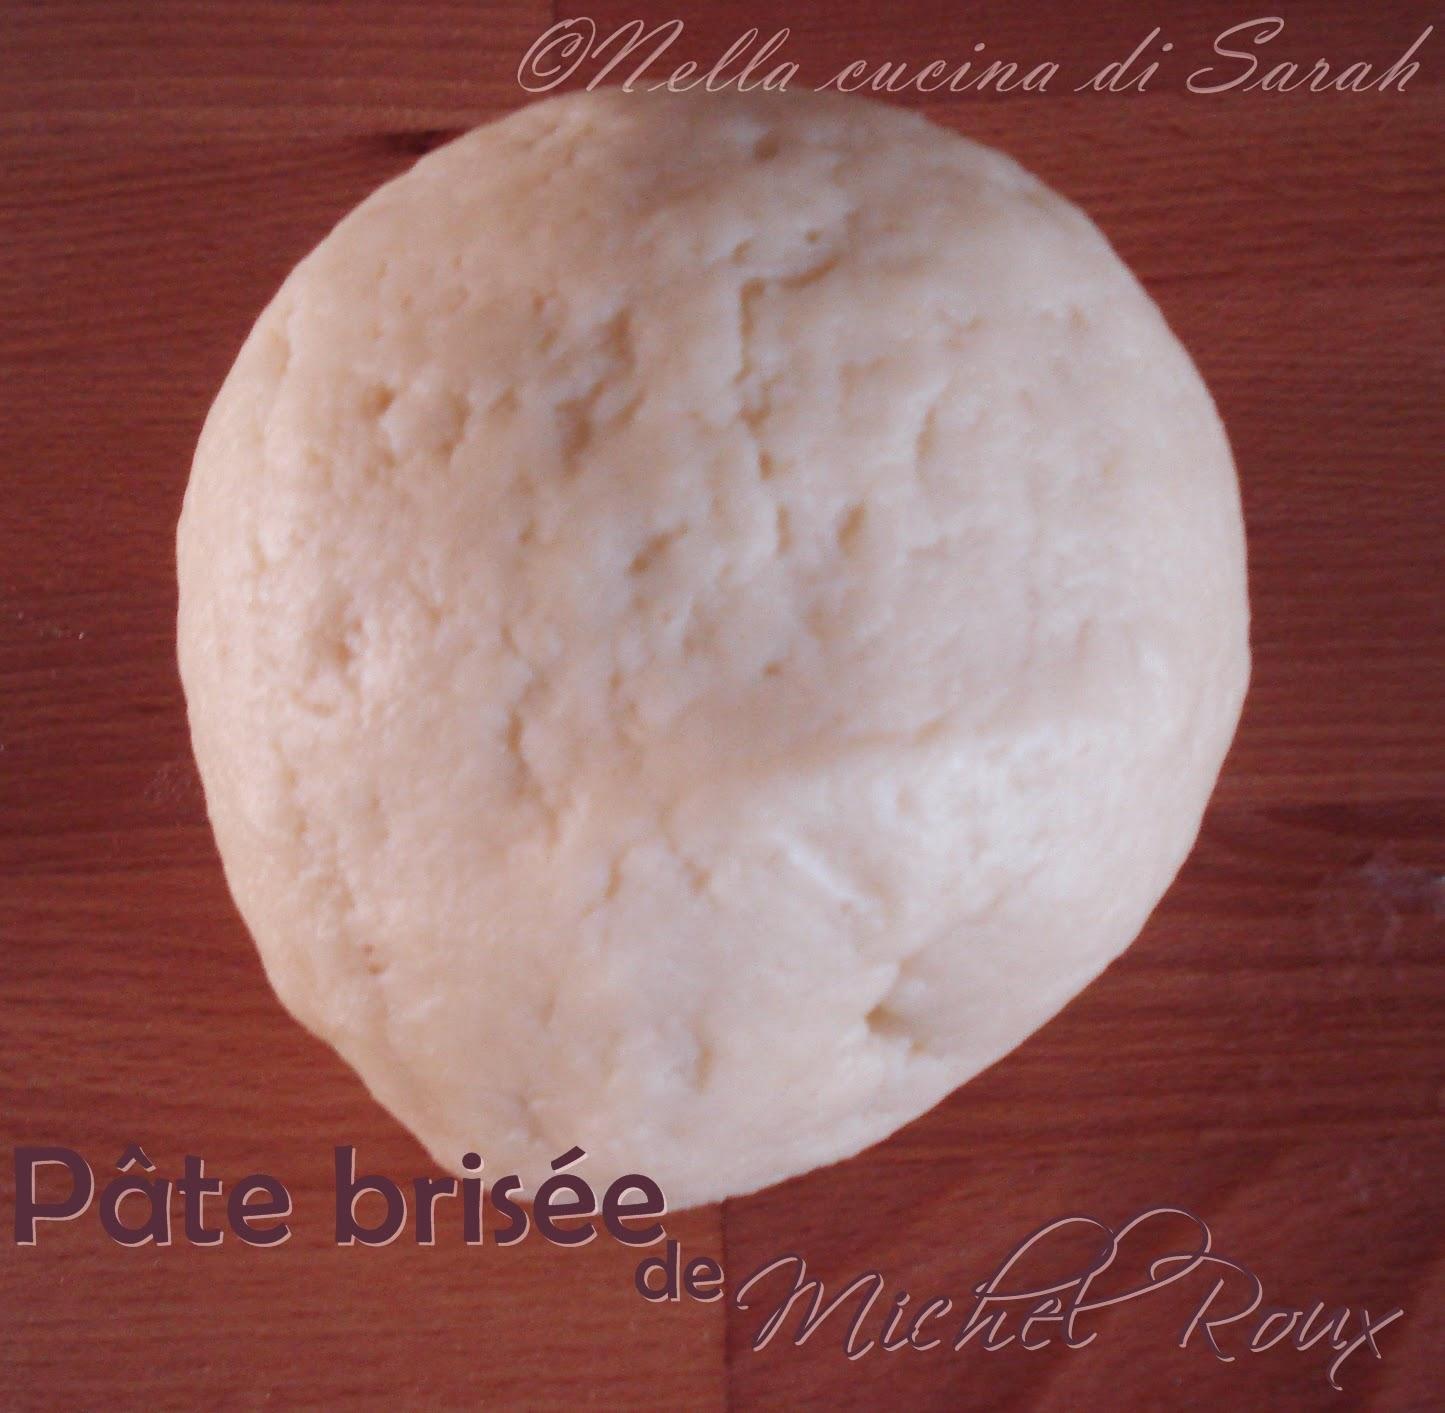 mtc ~ la pâte brisée de michel roux...